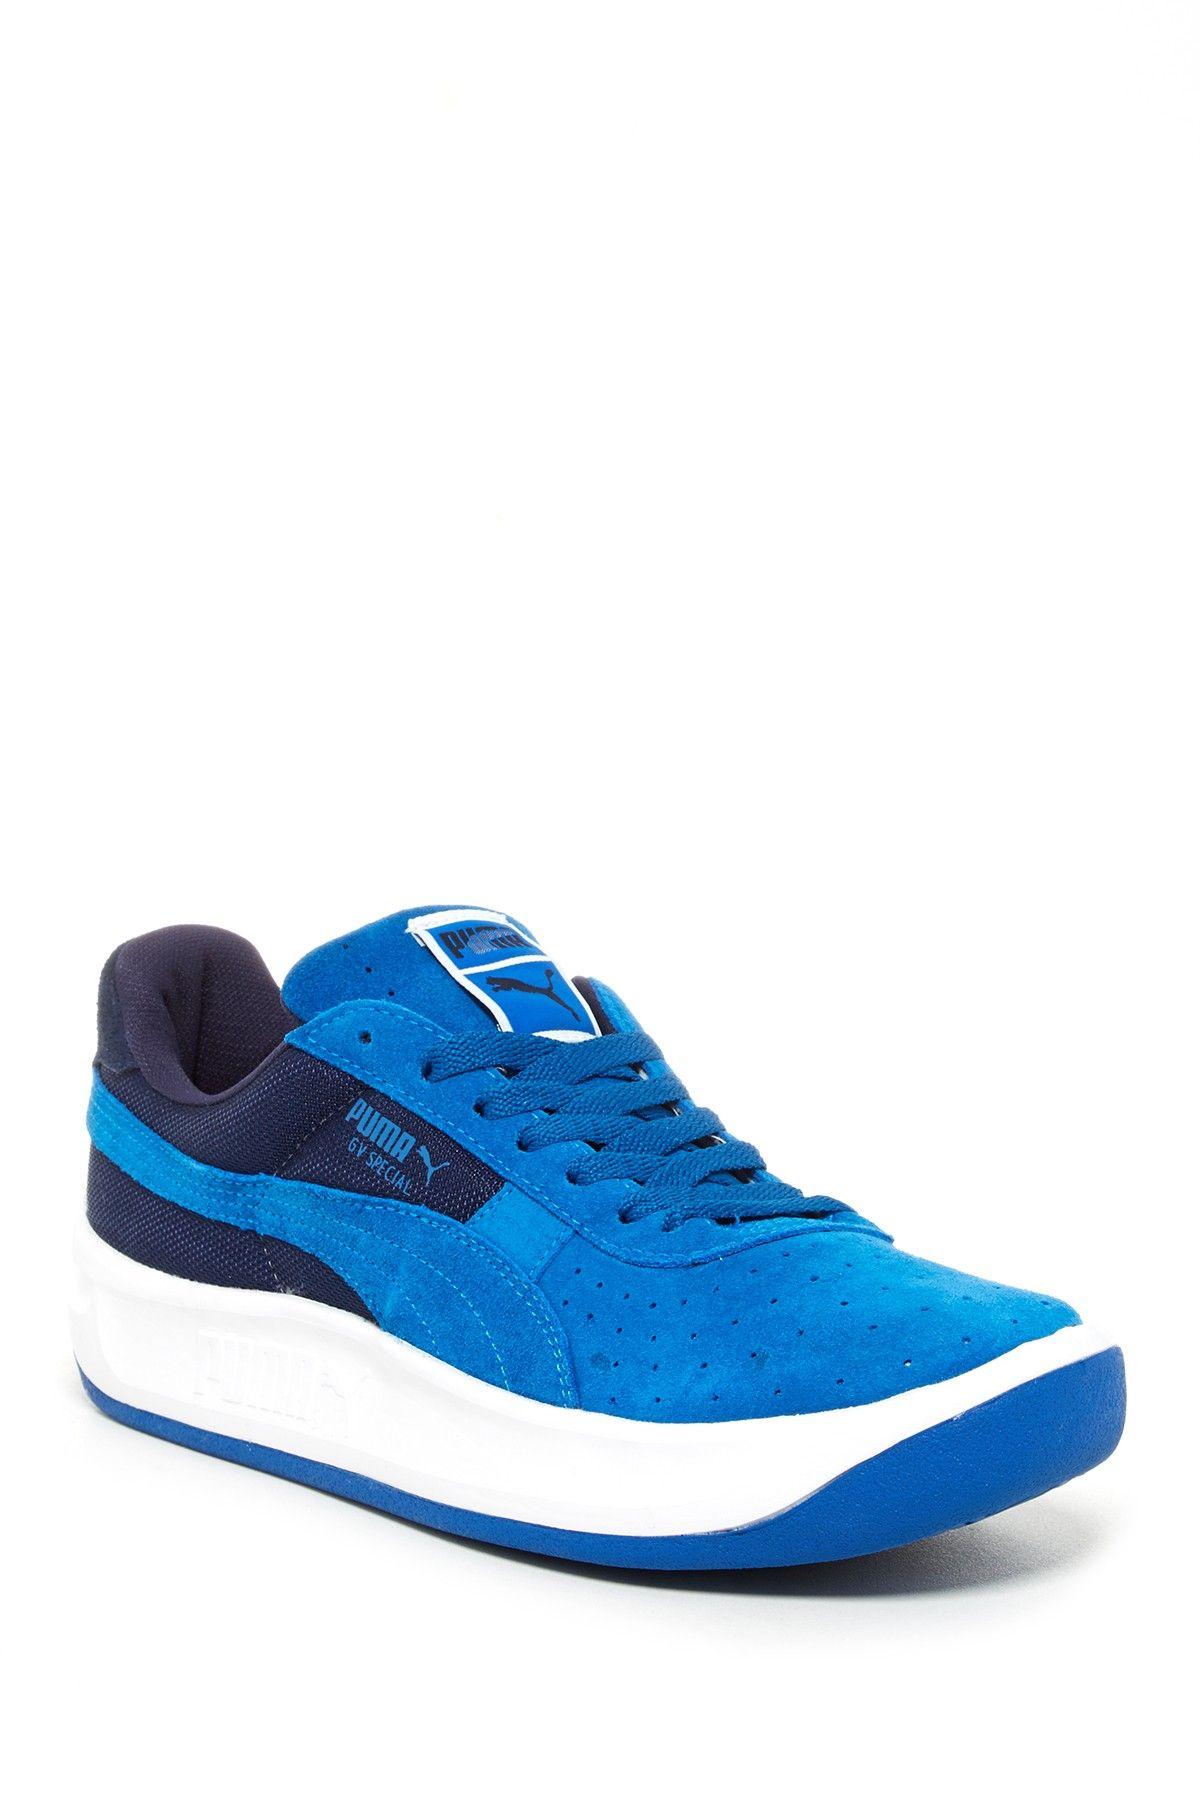 separation shoes 1a65c 5a562 Puma GV Special  Blue Navy